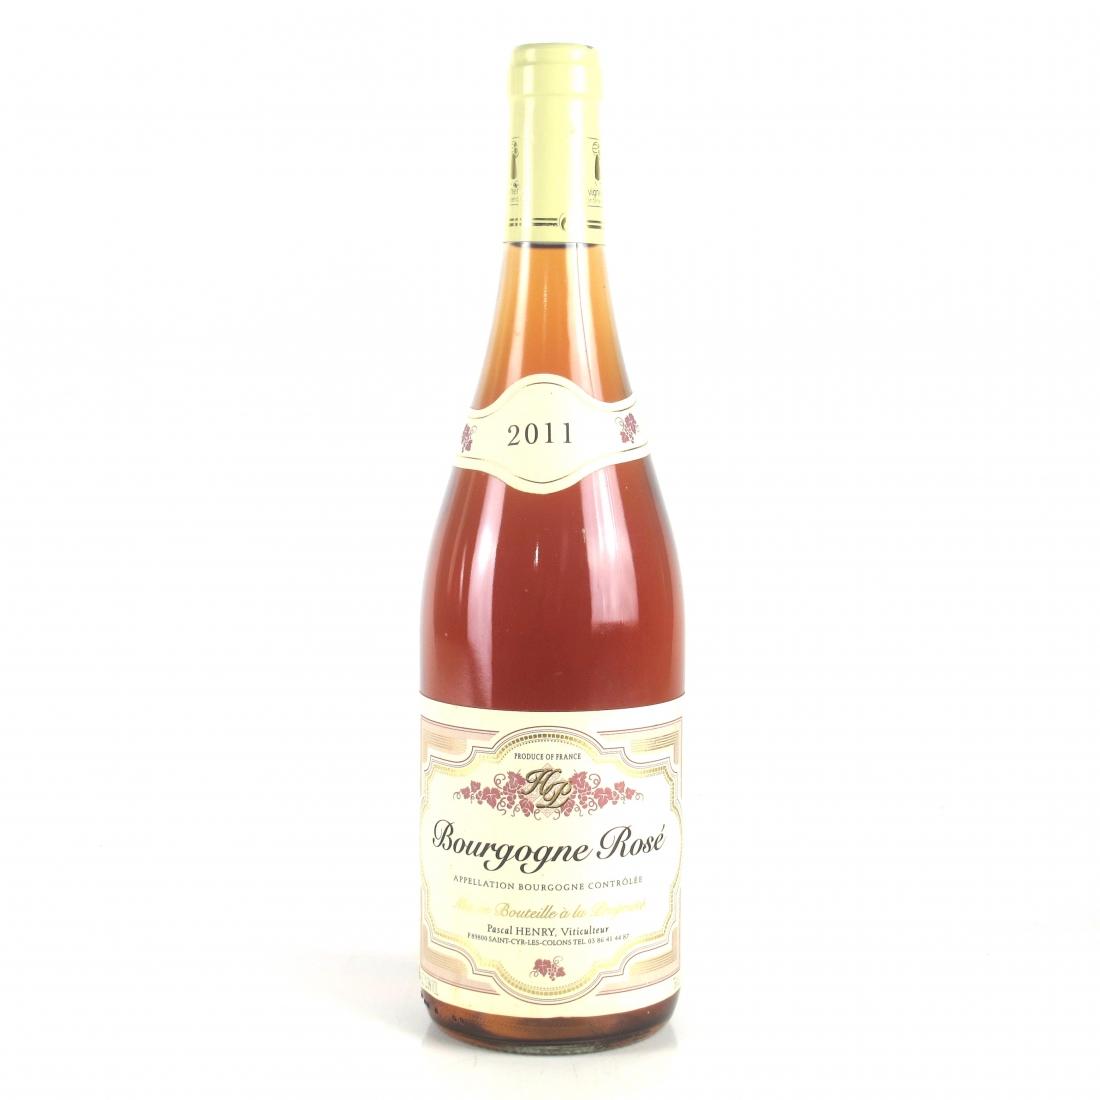 P.Henry 2011 Bourgogne Rosé